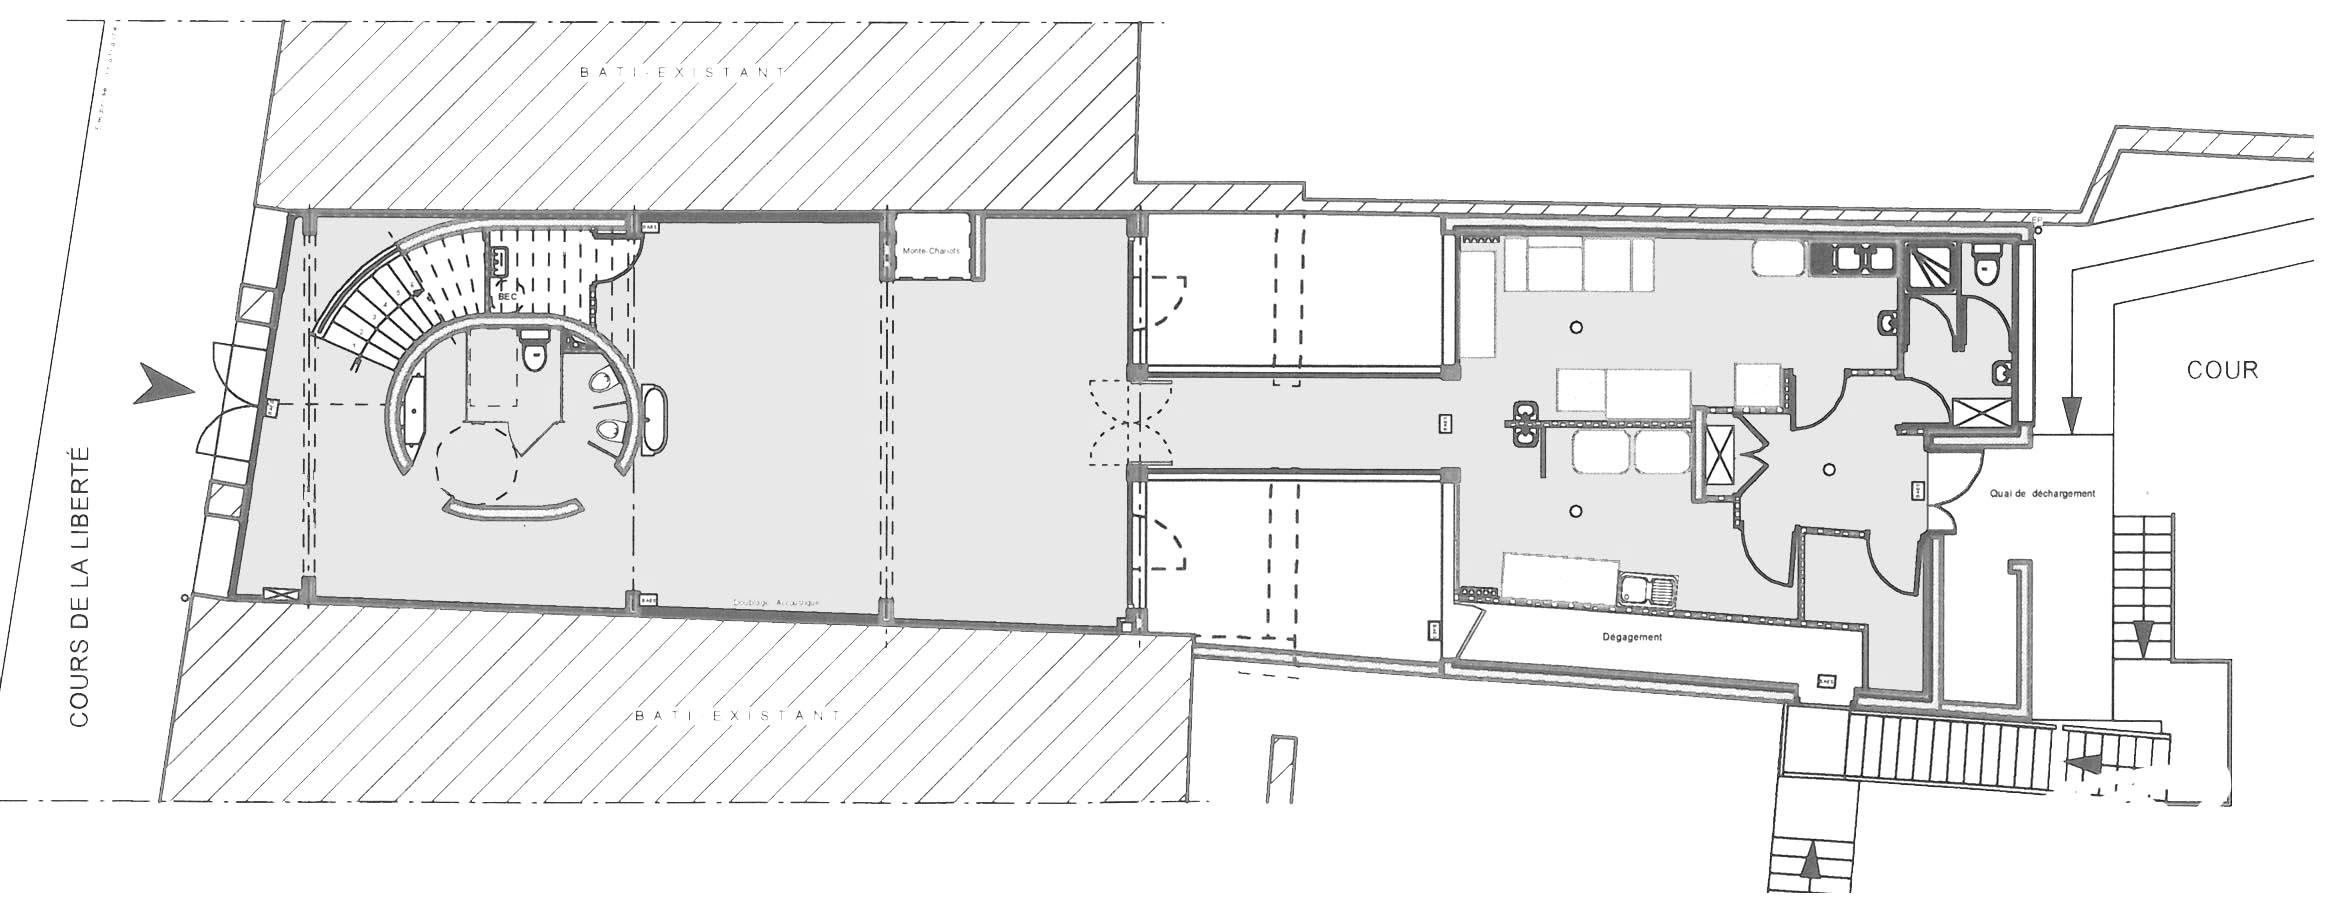 Réhabilitation cantine Saint André BF Architecture 0